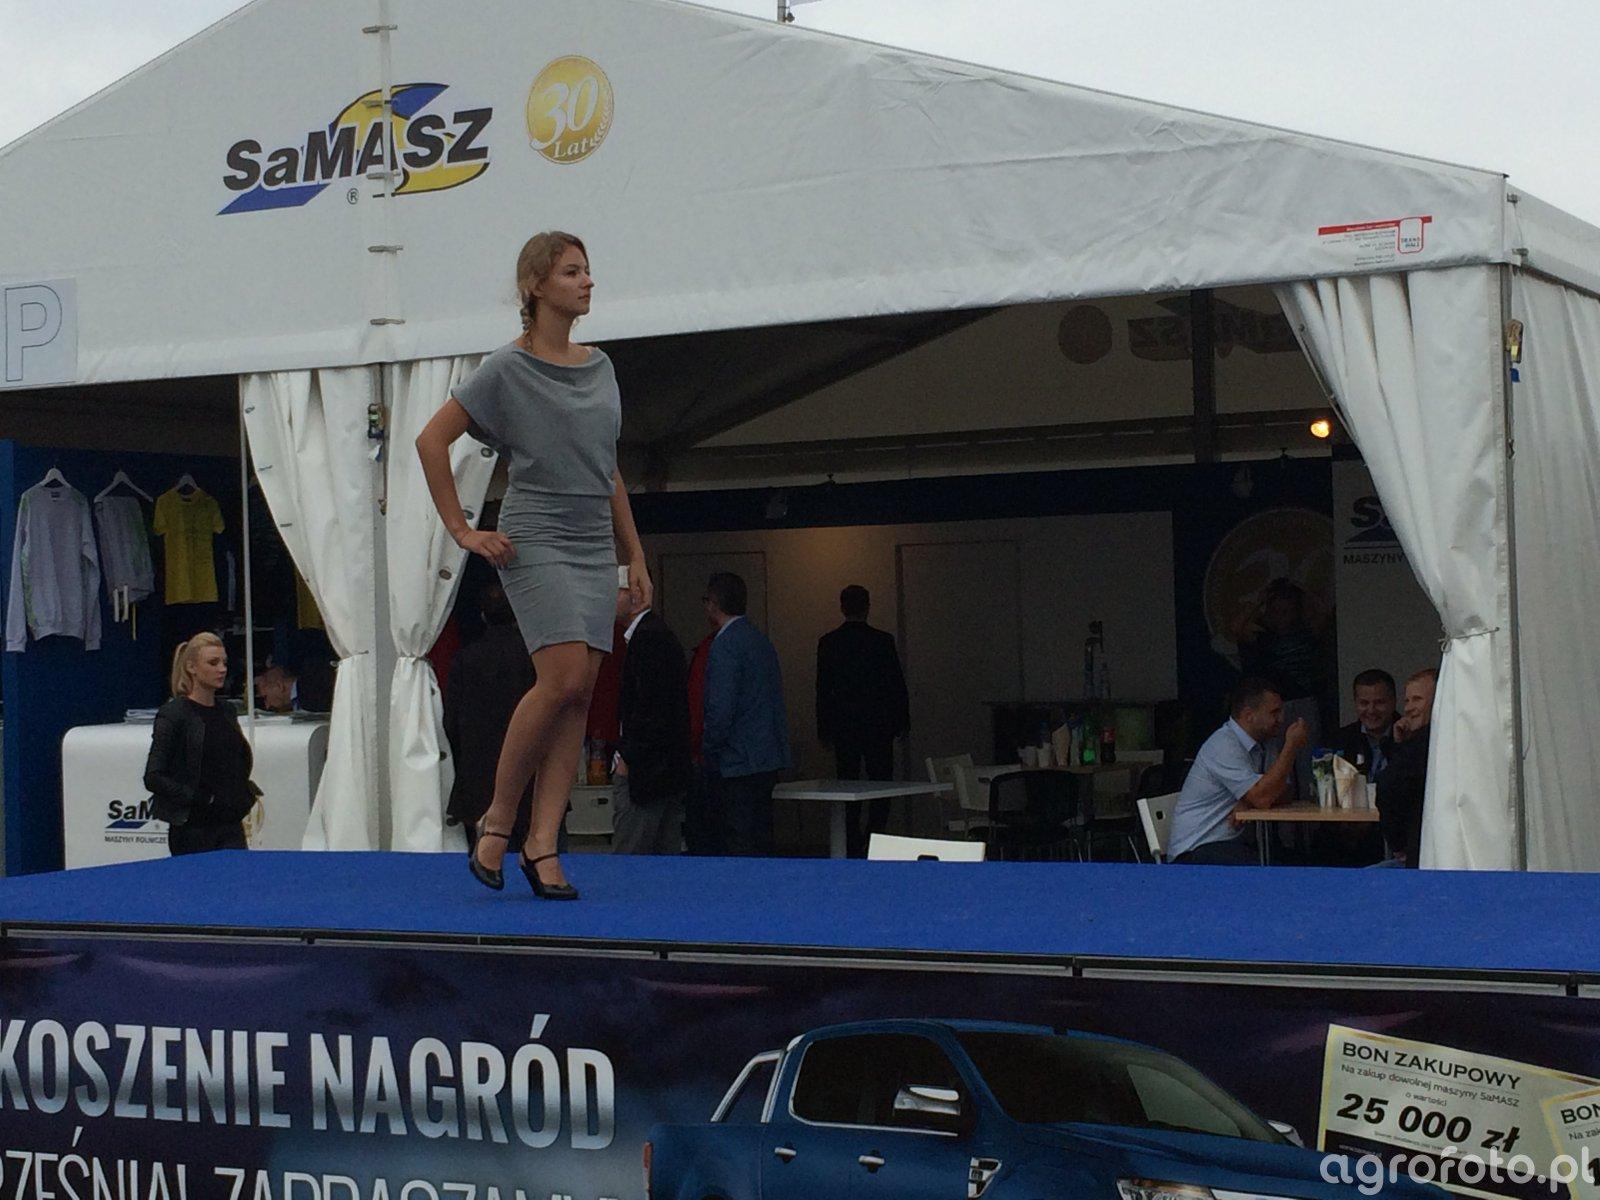 Pokaz mody SaMasz podczas Agro Show 2014